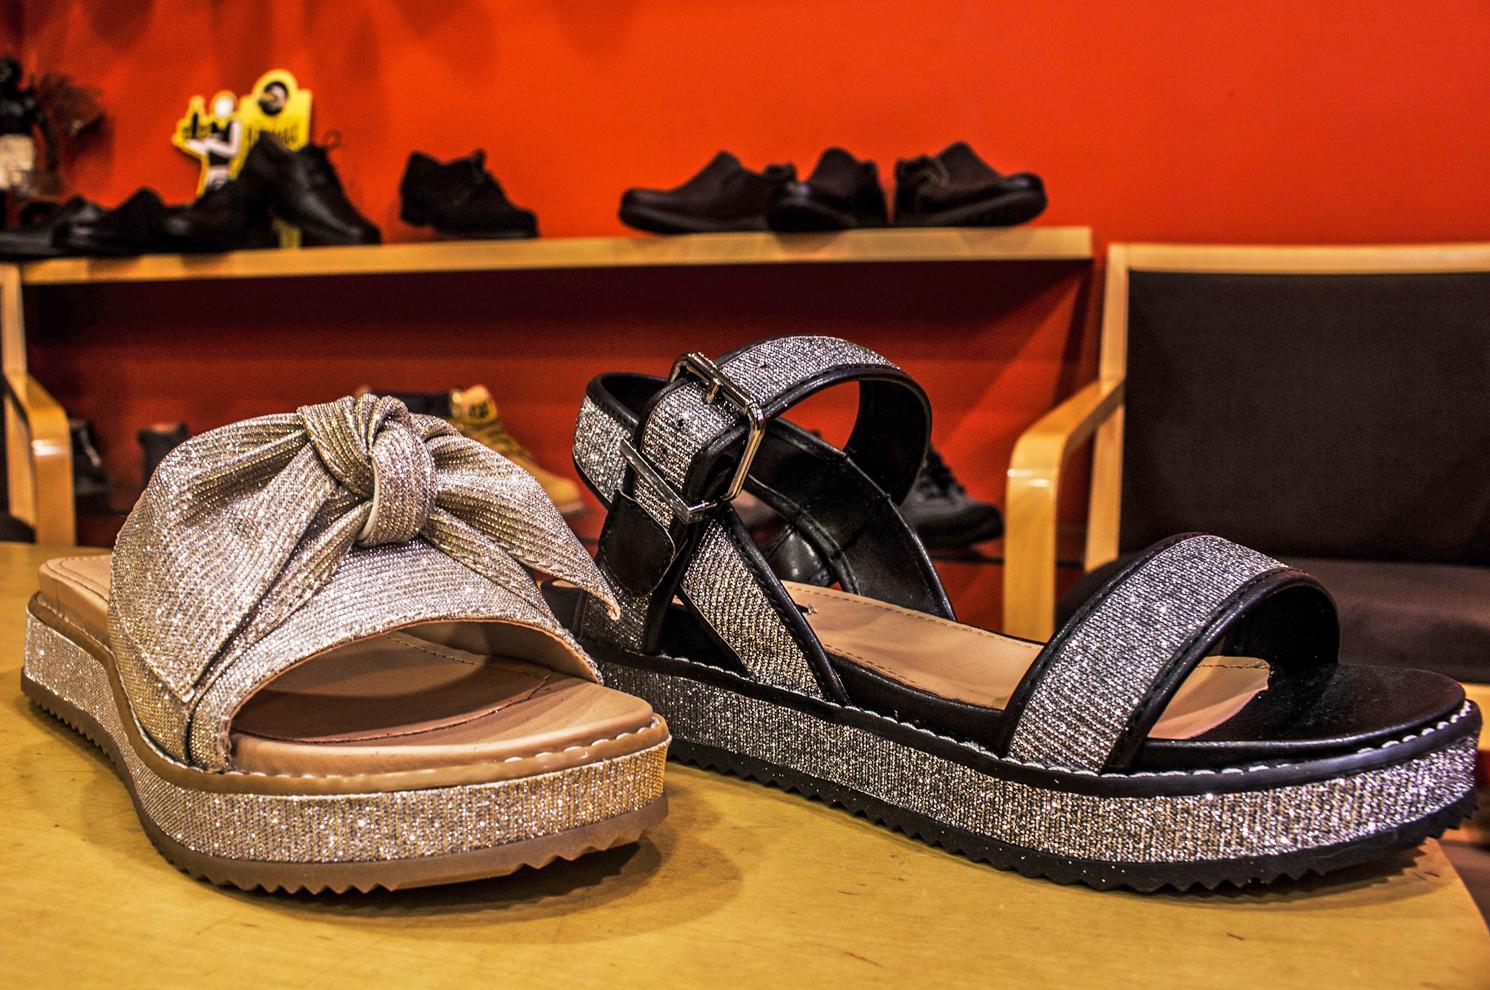 Sandalias de señora en Arteixo